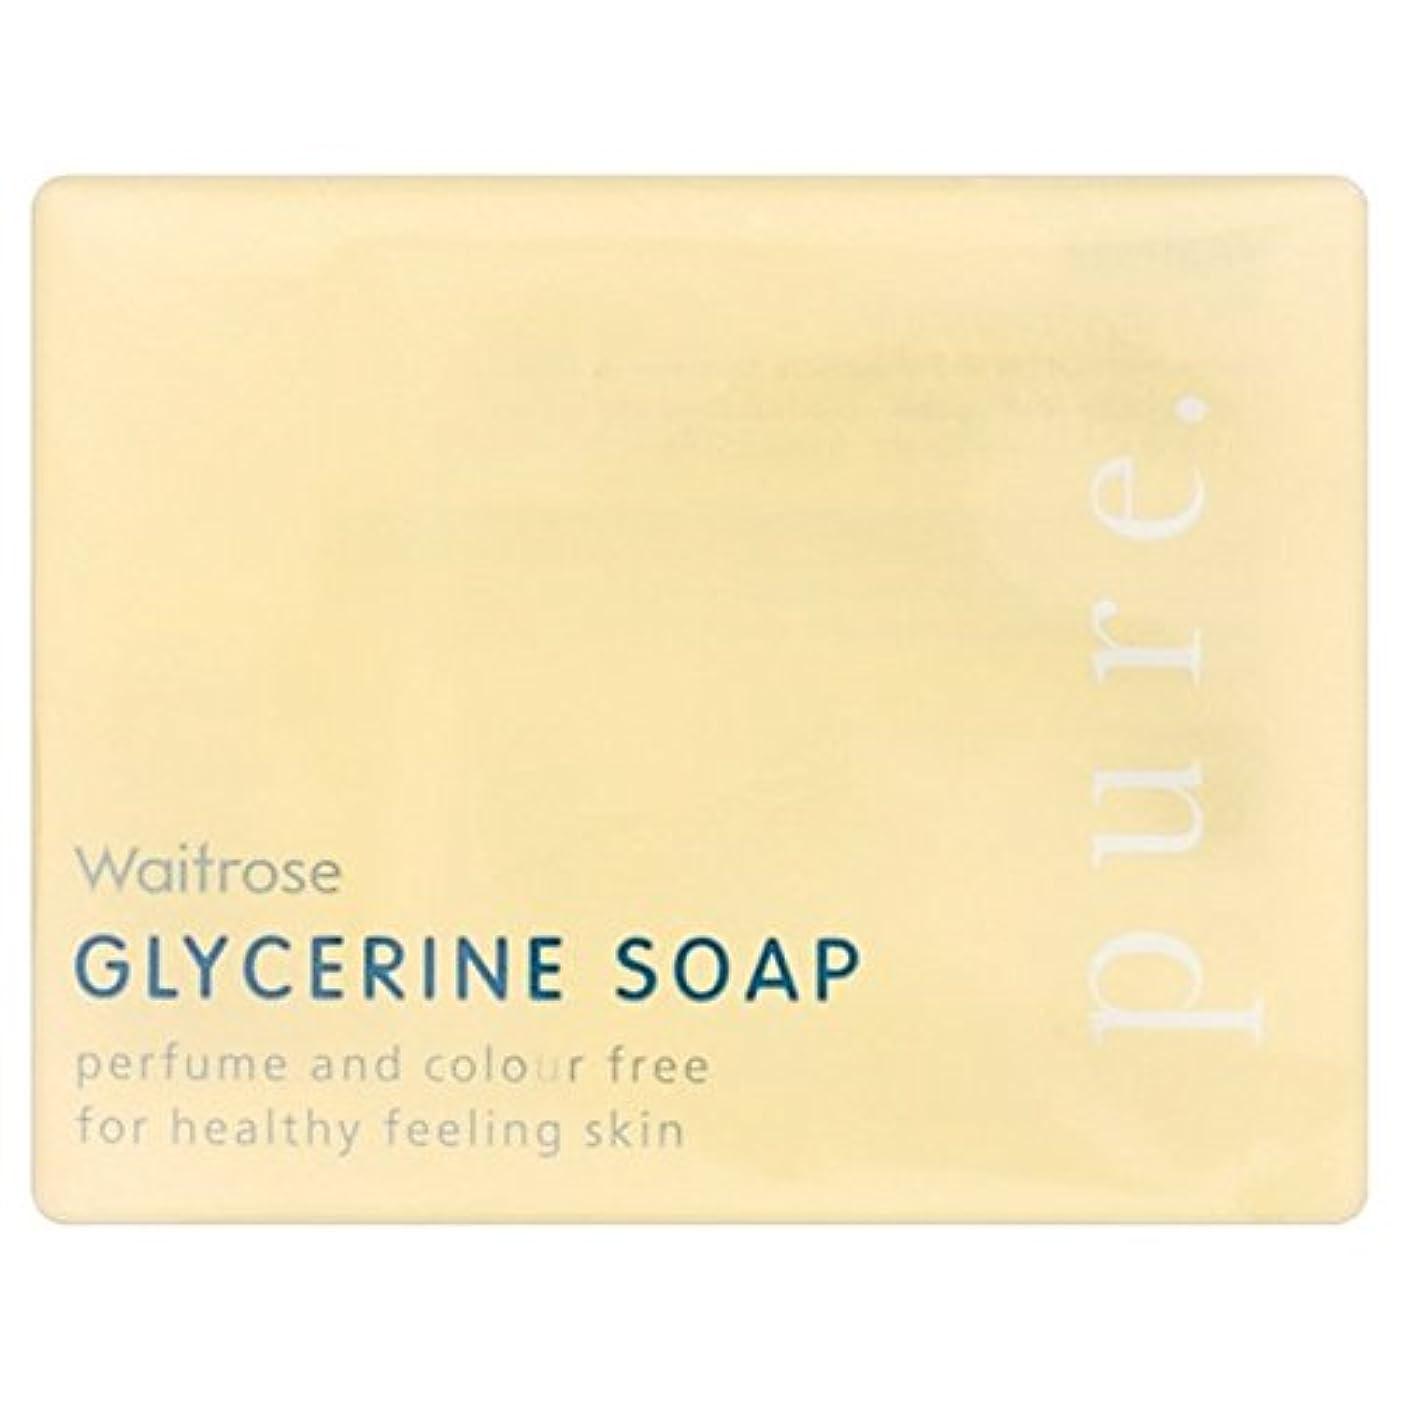 どこか思われる調べる純粋なグリセリンソープウェイトローズの100グラム x2 - Pure Glycerine Soap Waitrose 100g (Pack of 2) [並行輸入品]